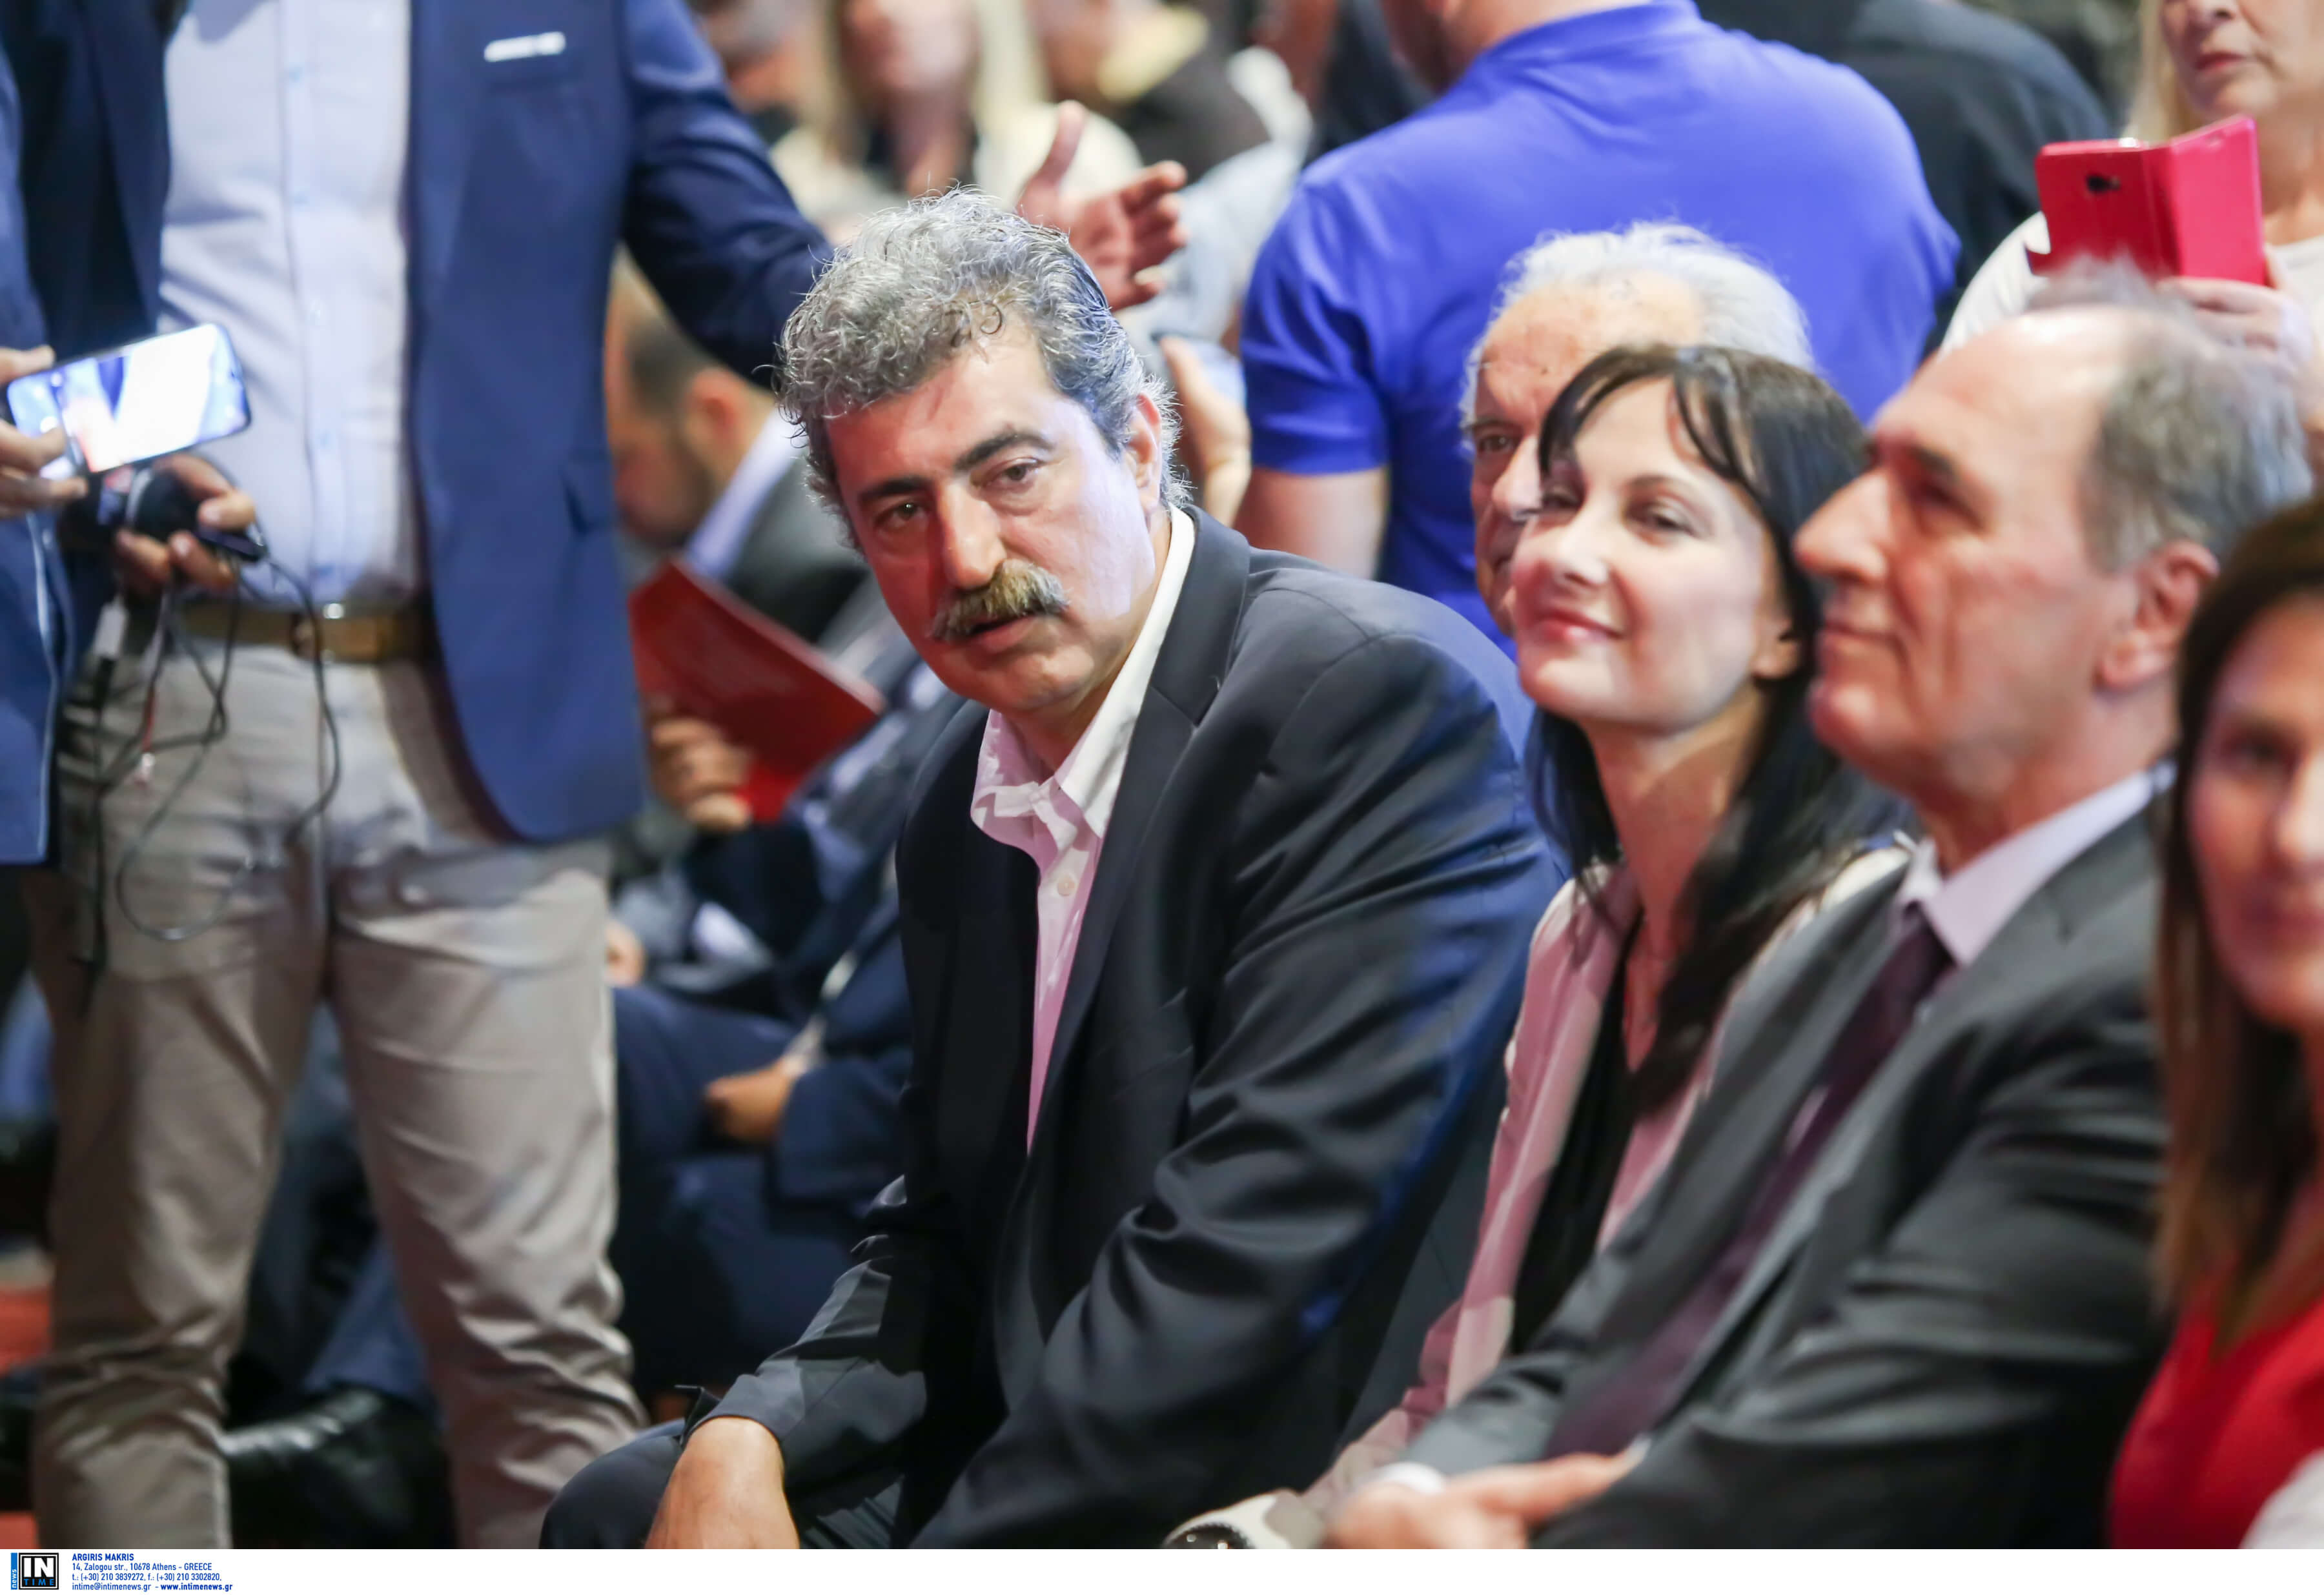 Με θωρείς που σε θωρώ; Το βλέμμα Πολάκη που έγινε… viral | Newsit.gr